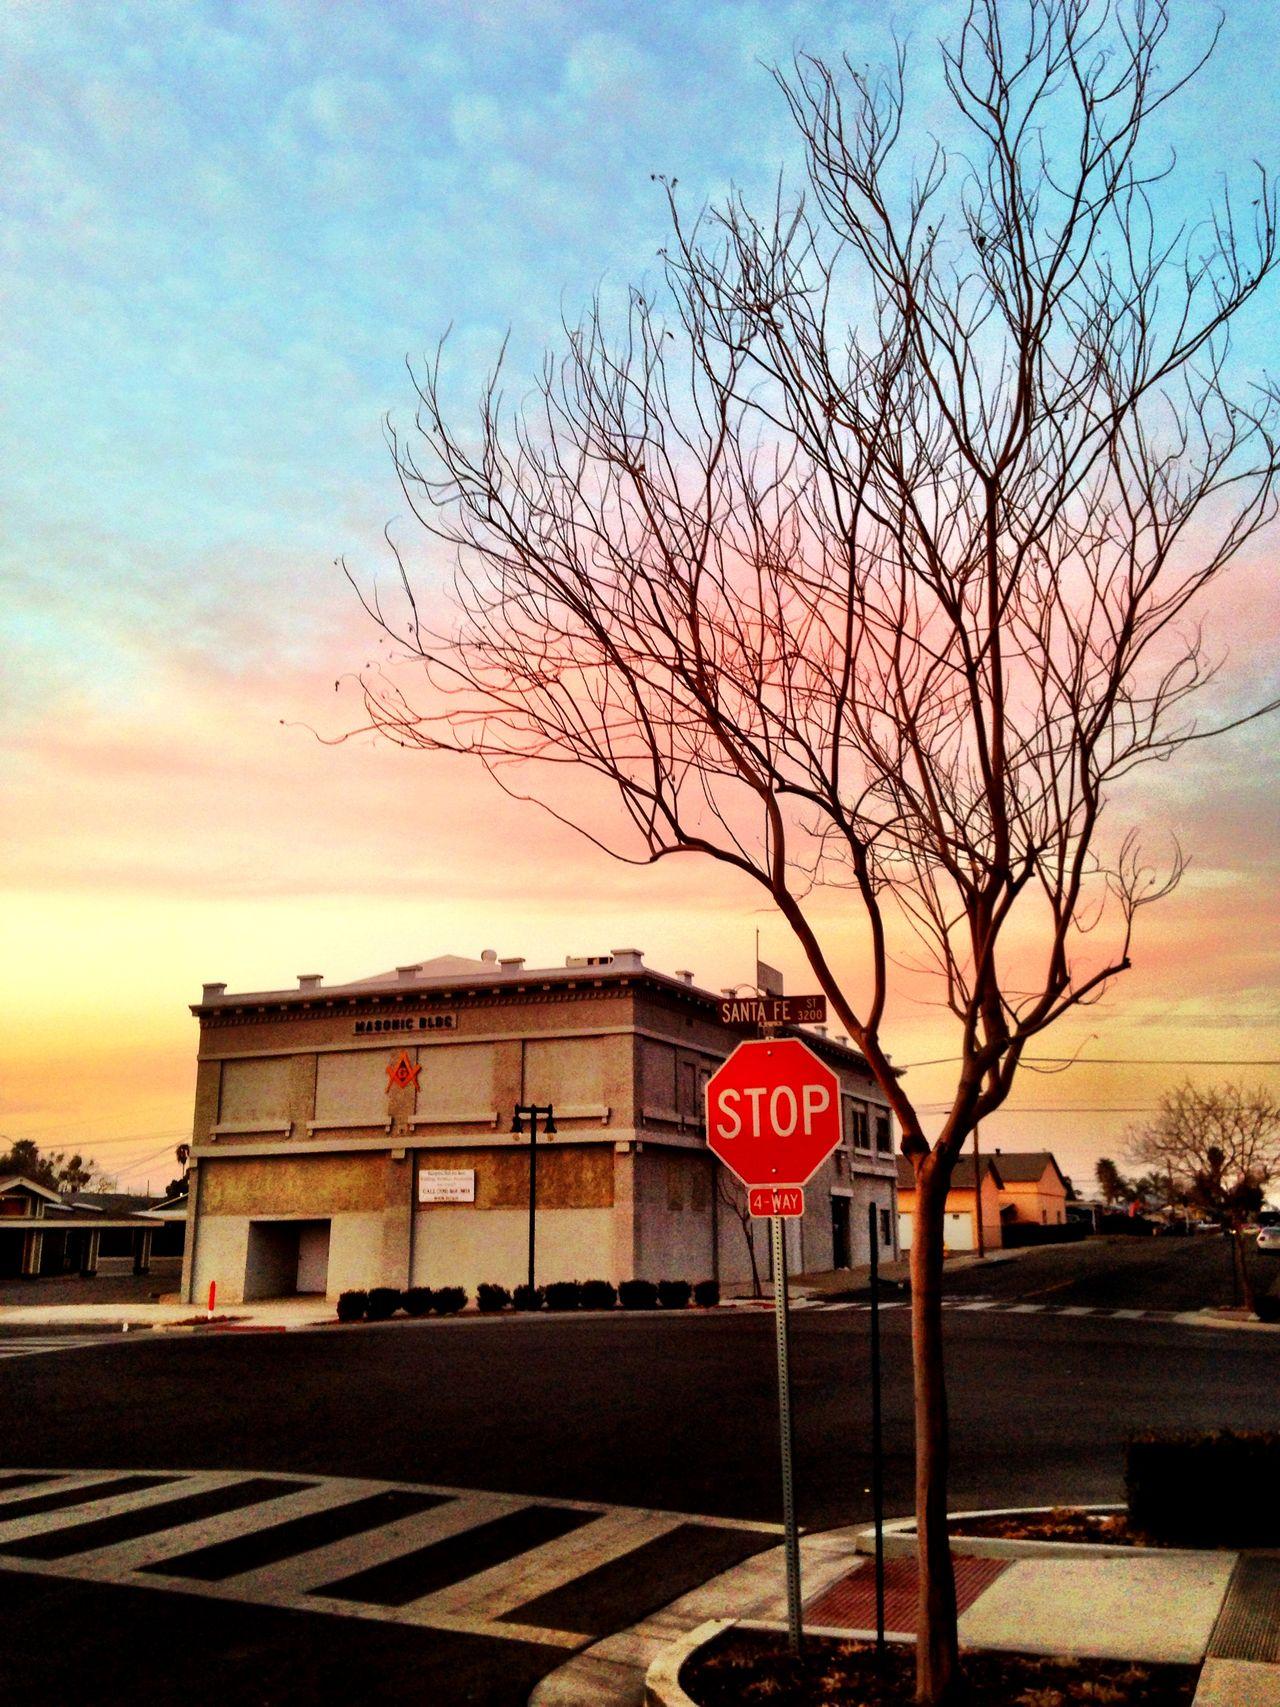 Santa Fe Ave. Riverbank, CA 2016© Street Photography Skyphotography Townphotography Riverbank California